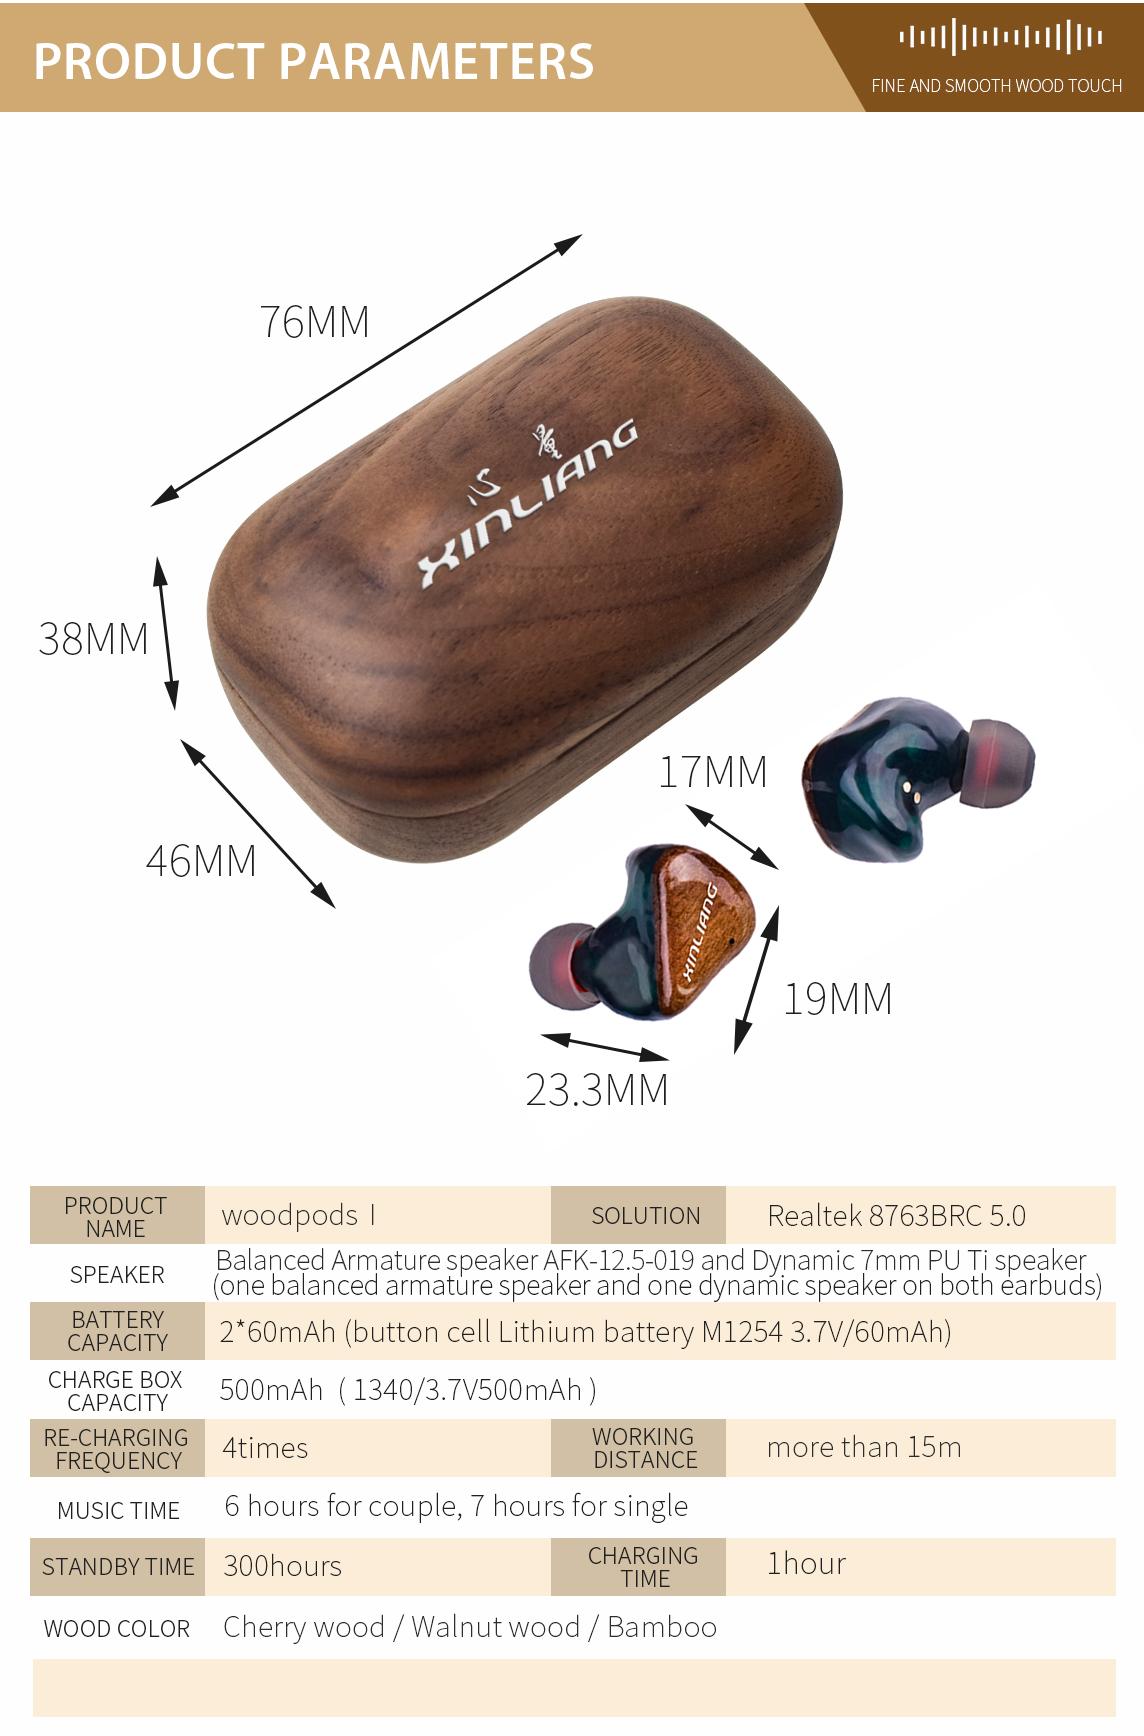 木质tws耳机详情英文_04